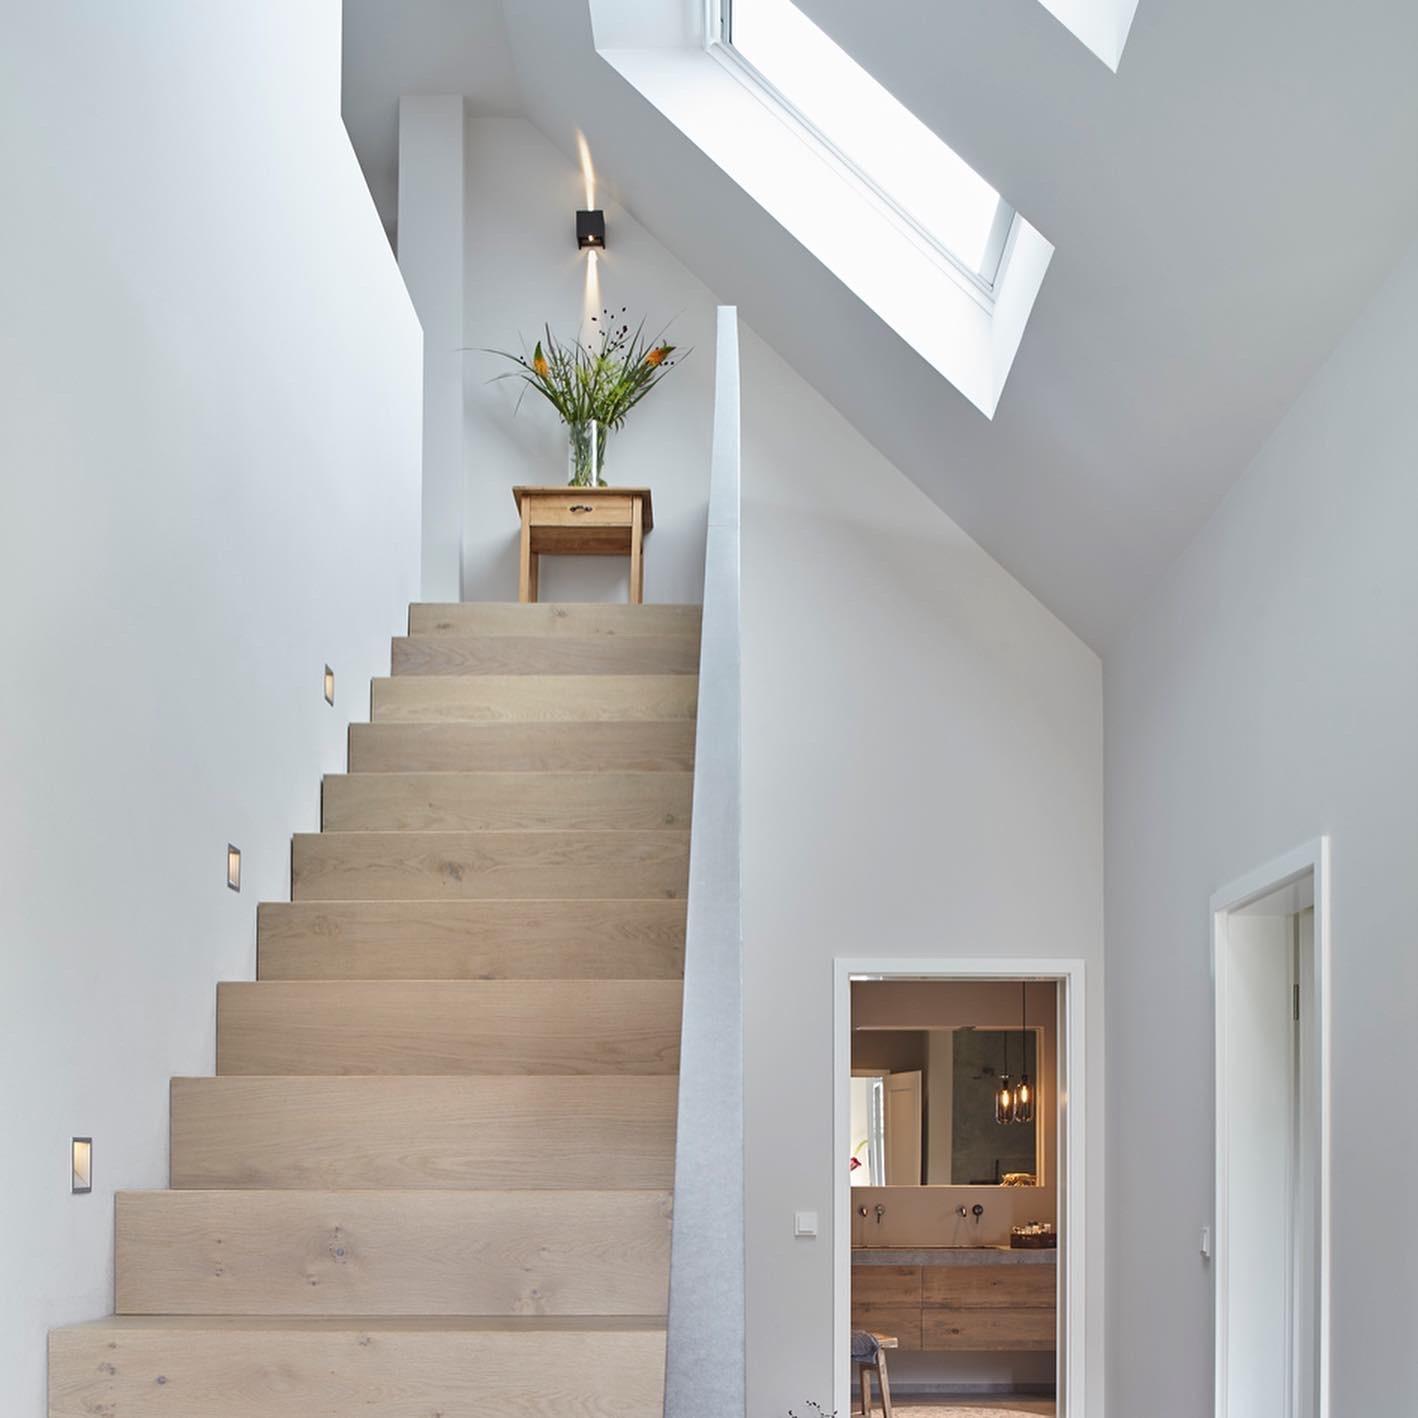 Treppenhaus: So Machst Du Den Funktionellen Raum Schön